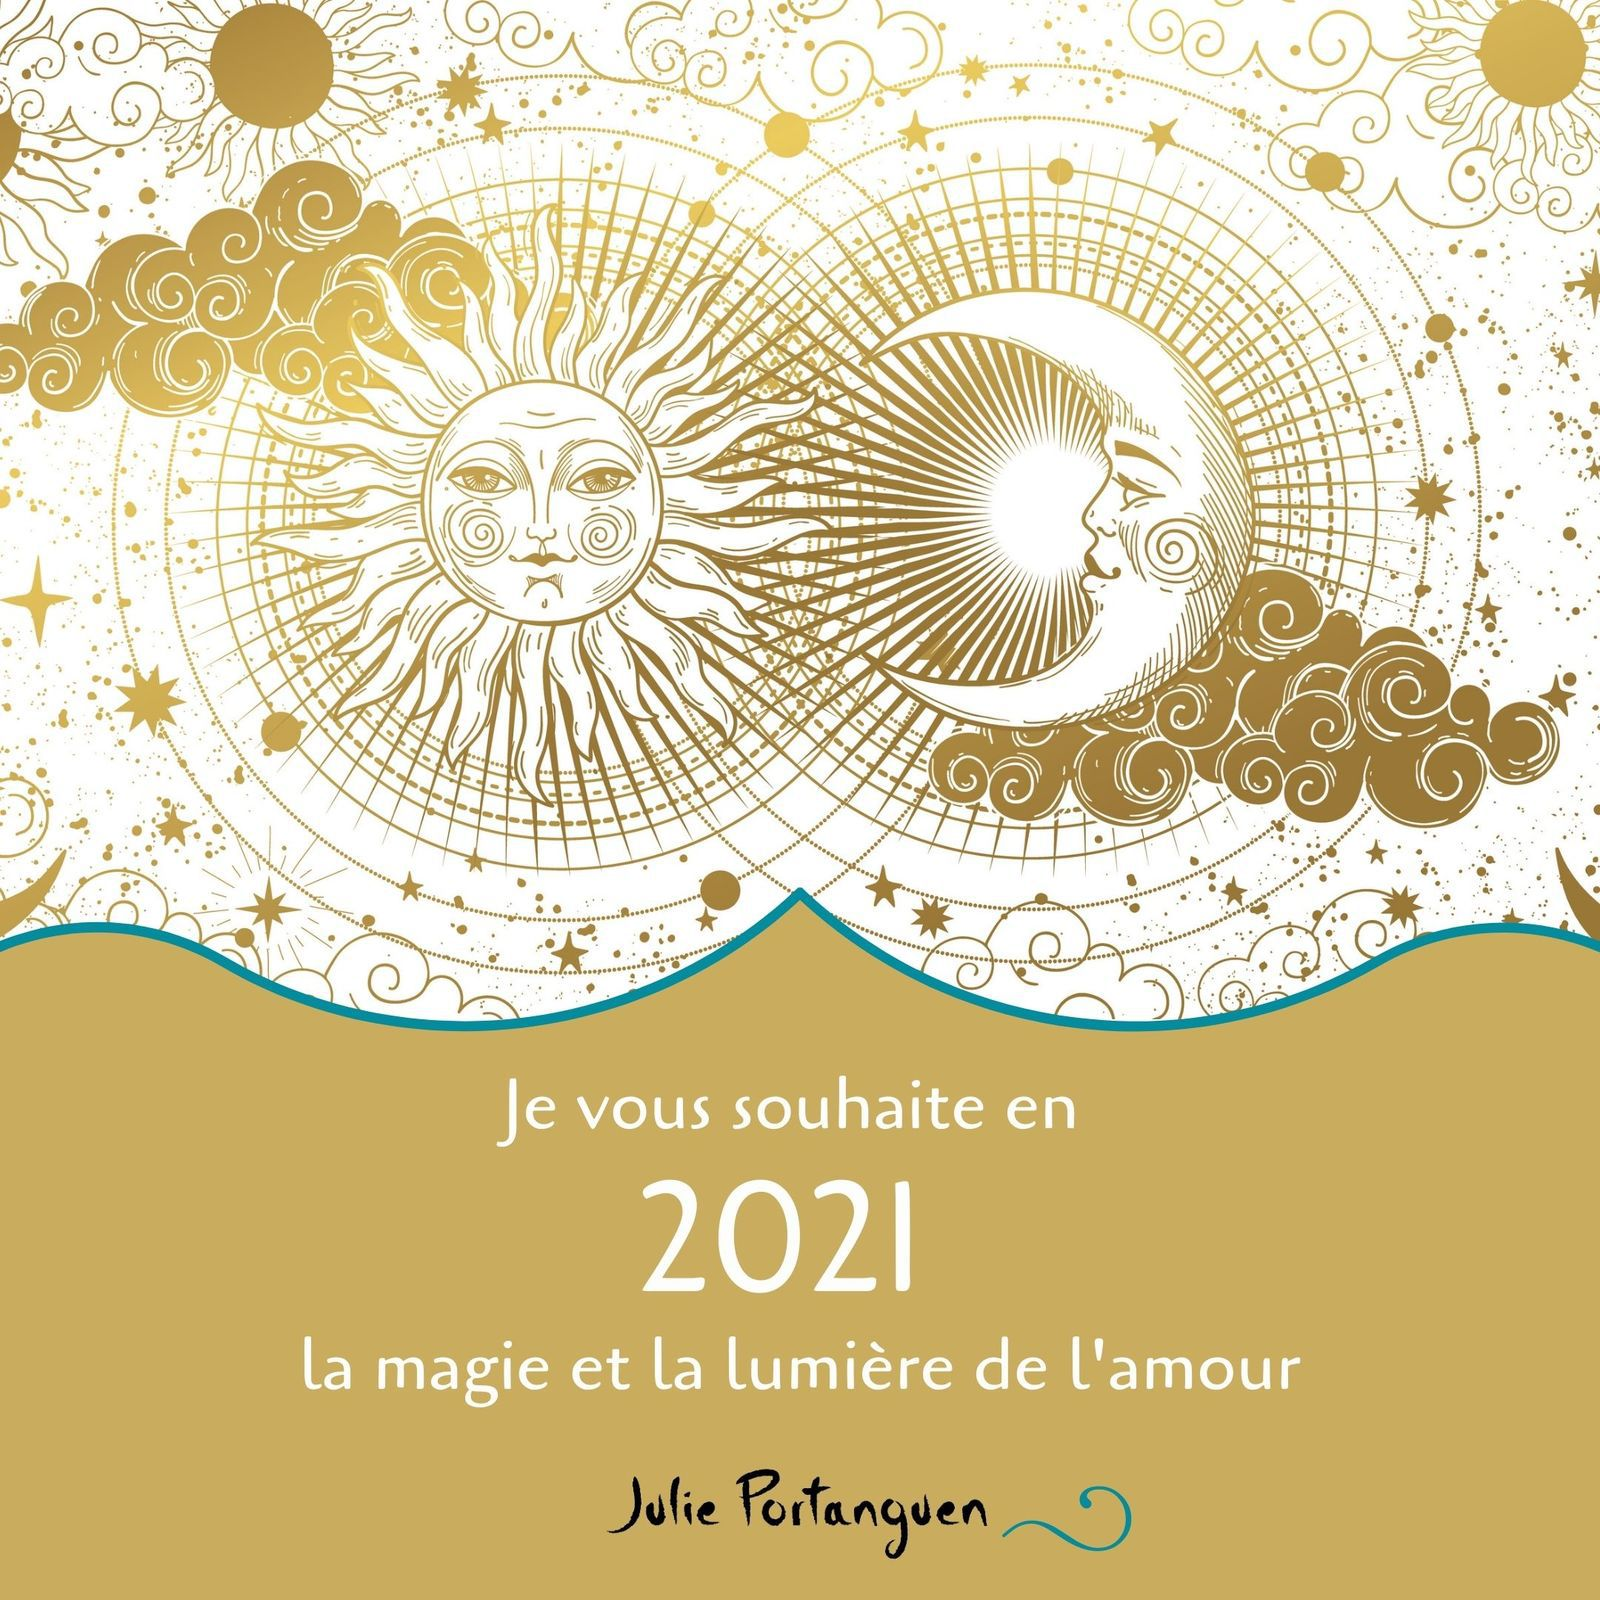 Meilleurs voeux pour 2021 !